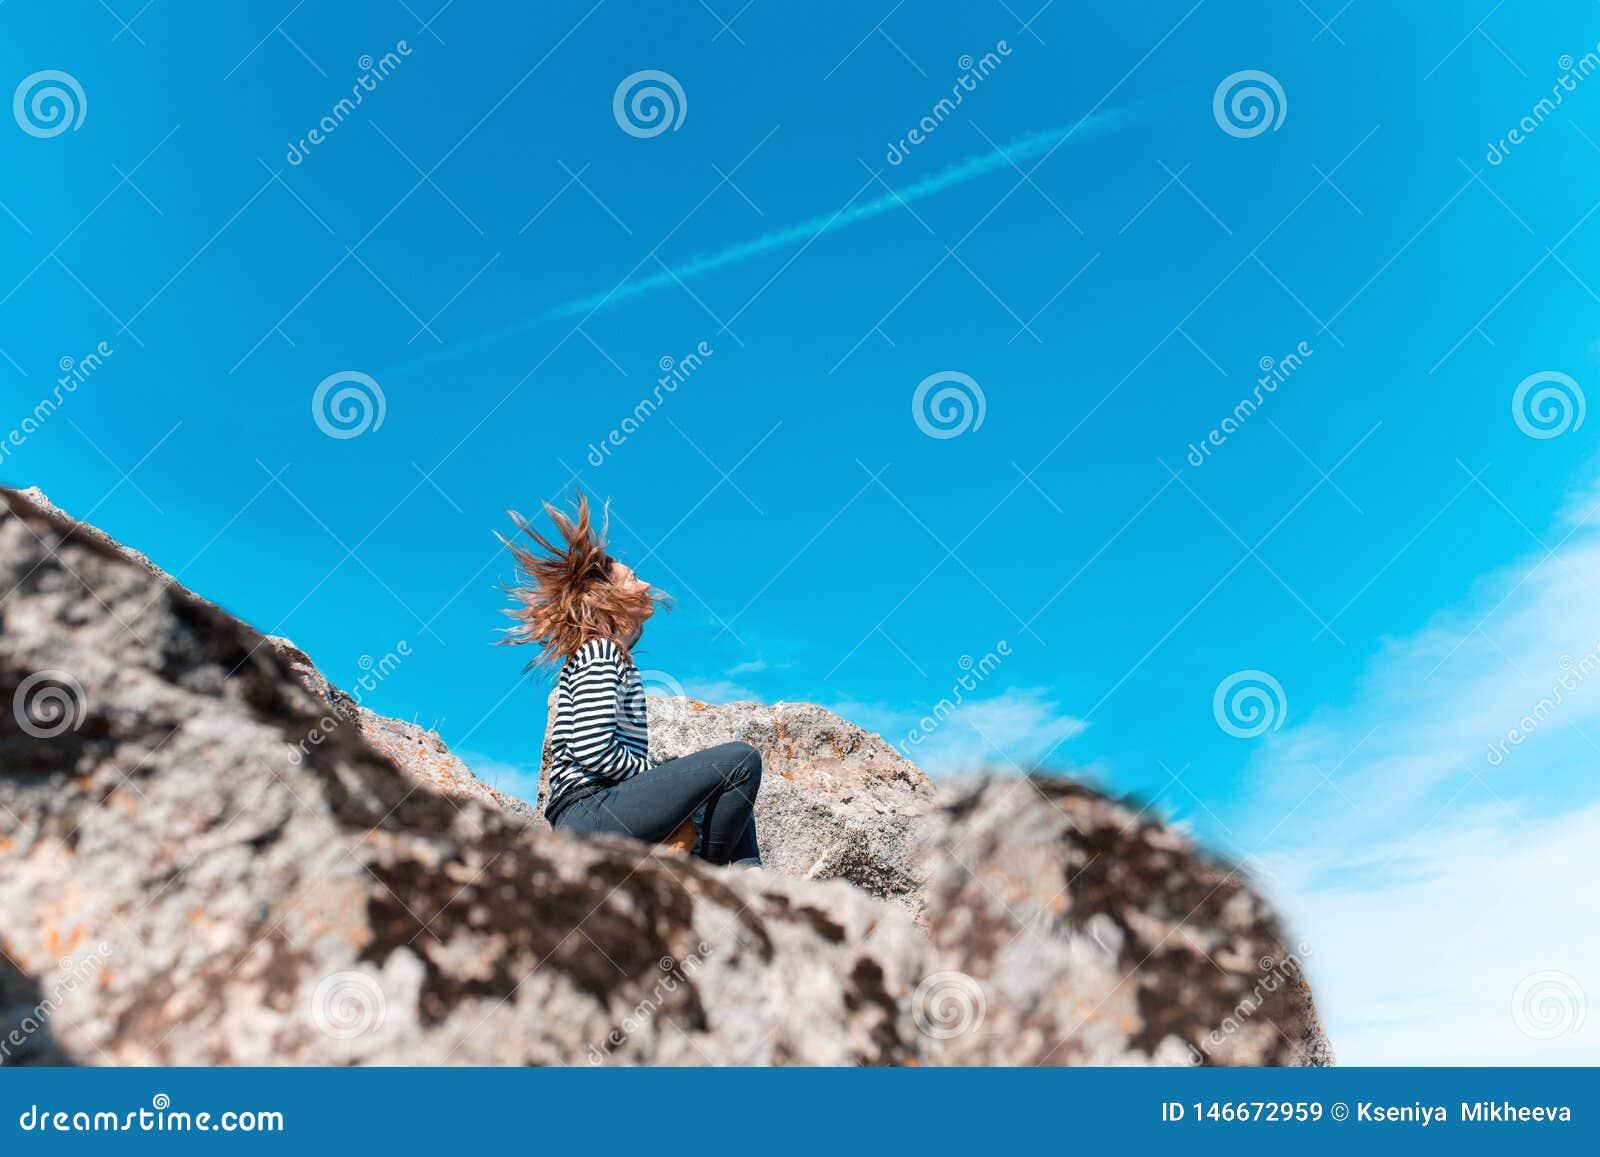 Mädchen, das auf einer Klippe übersieht den Himmel mit ihrem Haarschlag sitzt